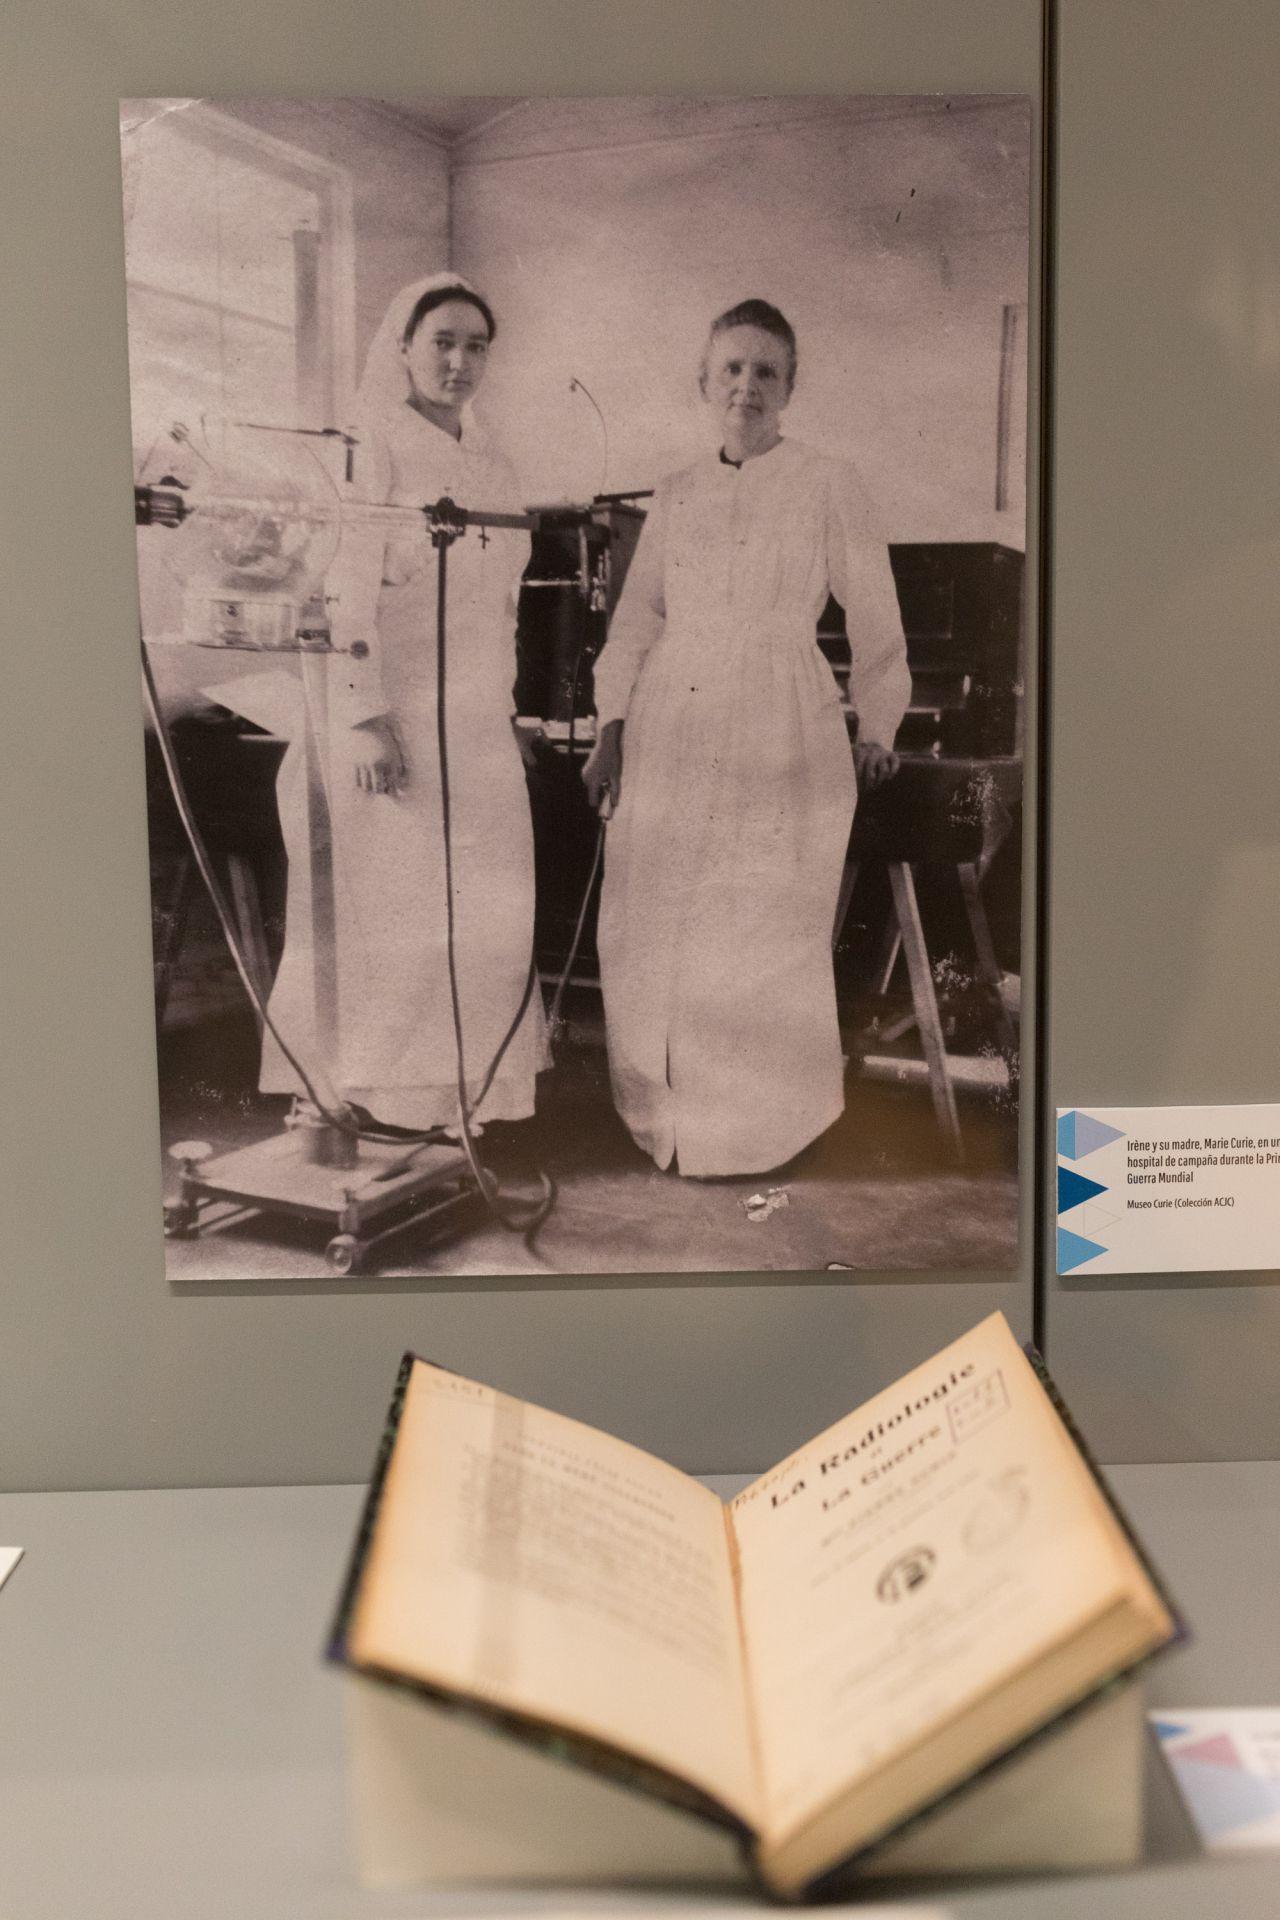 Marie Curie con su hija Irene, ambas Premios Nobel de Química.